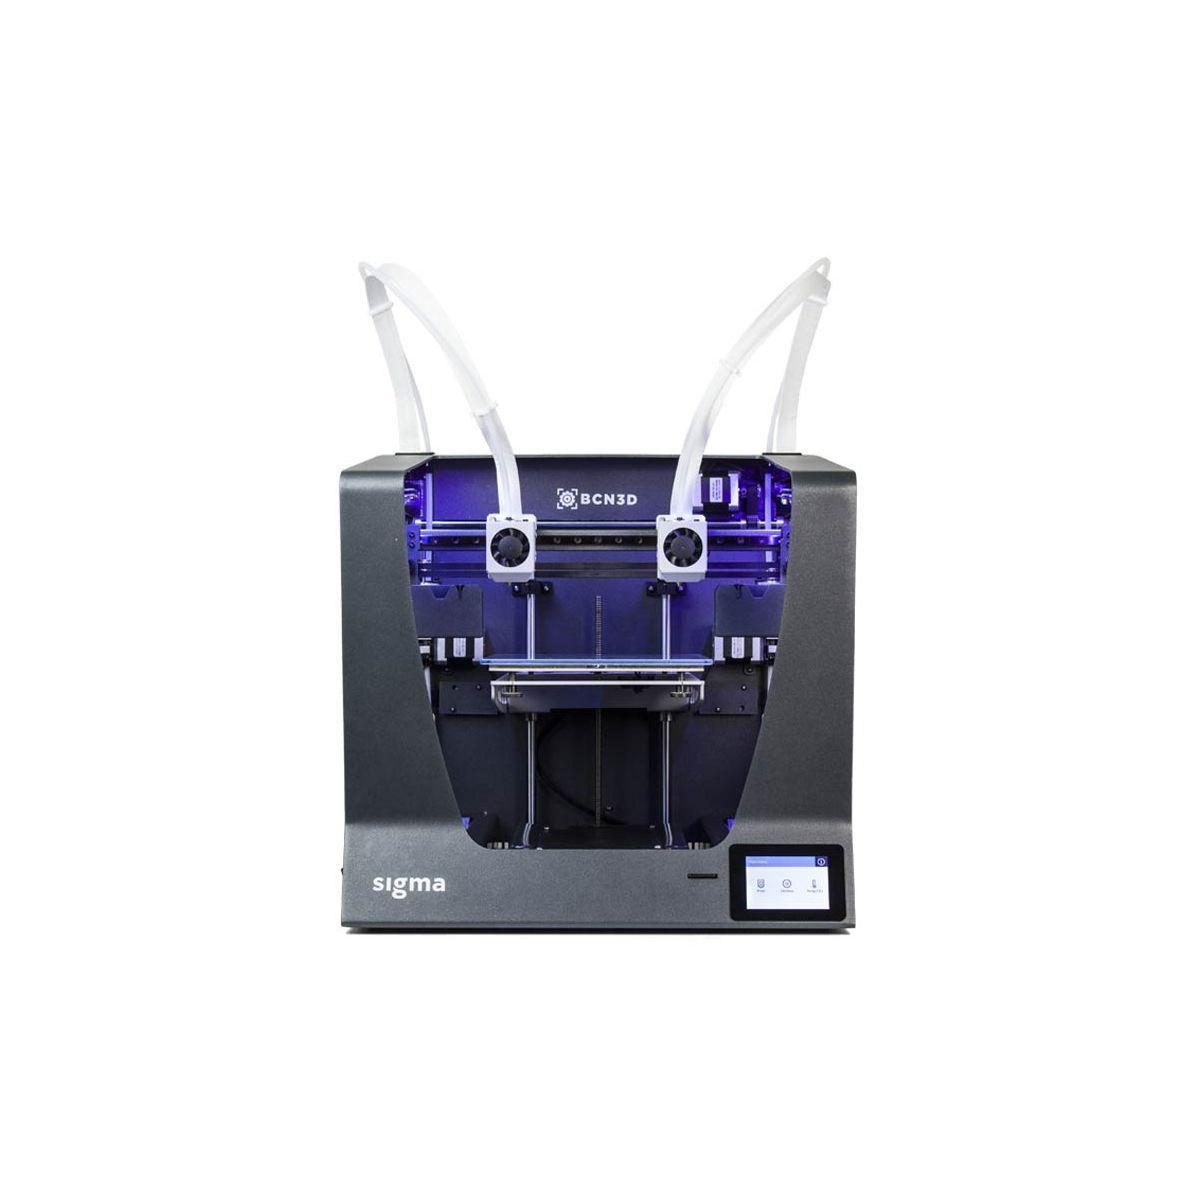 Imprimante 3d bcn3d sigma r17 - 2% de remise imm�diate avec le code : deal2 (photo)